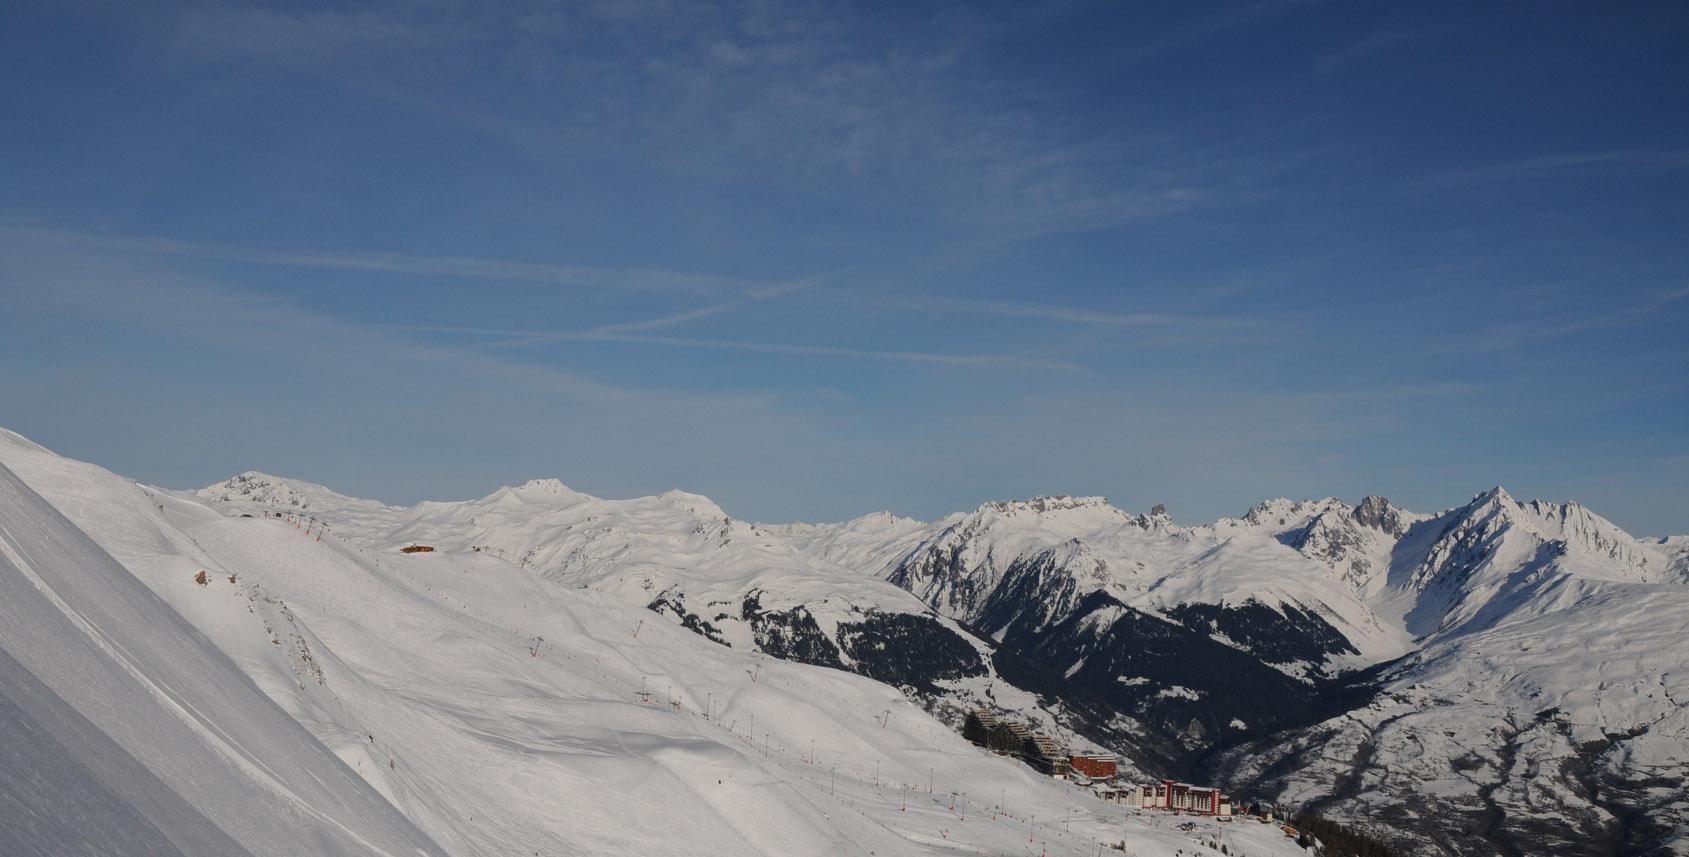 Quelles stations si on souhaite éviter les Alpes et les Pyrénées ?